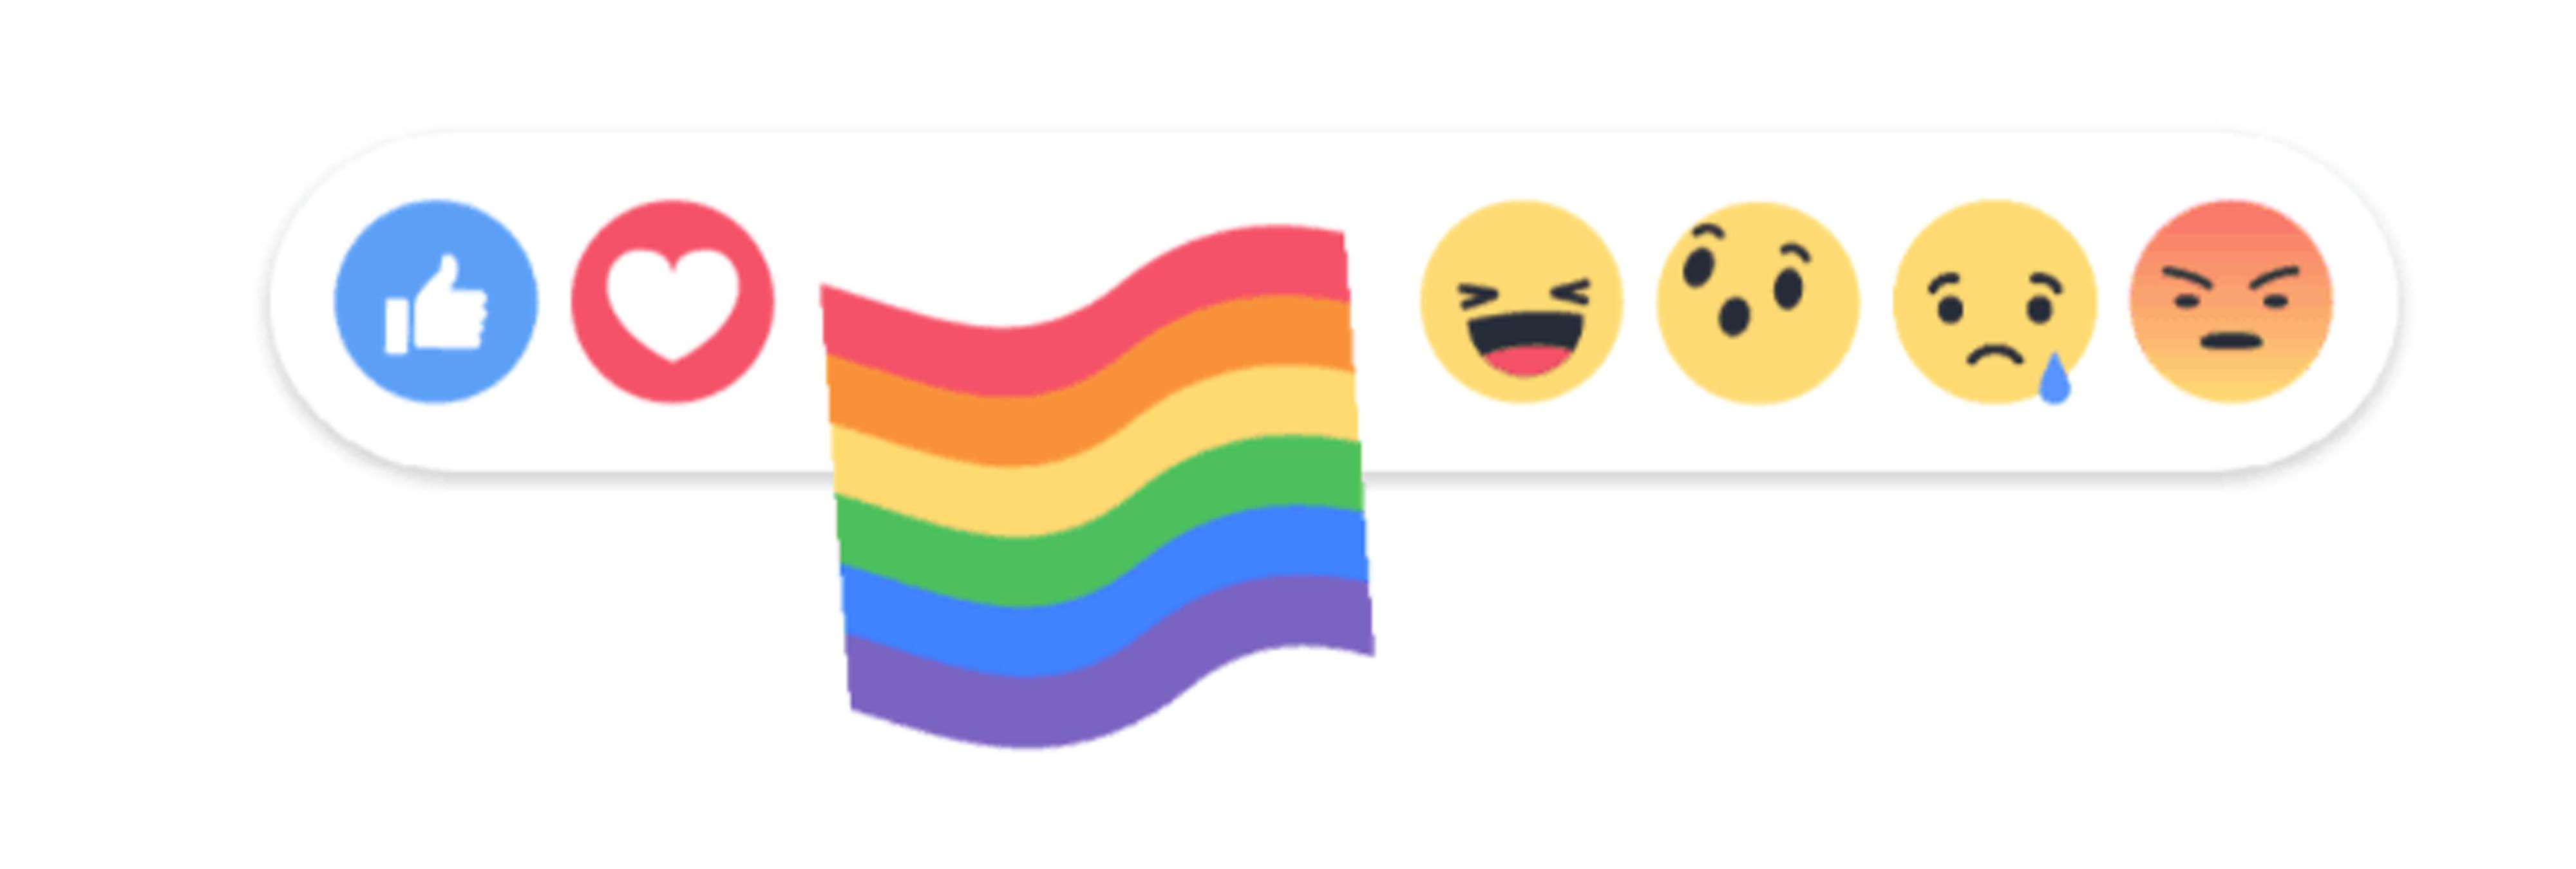 Cómo activar la reacción LGTBI en Facebook